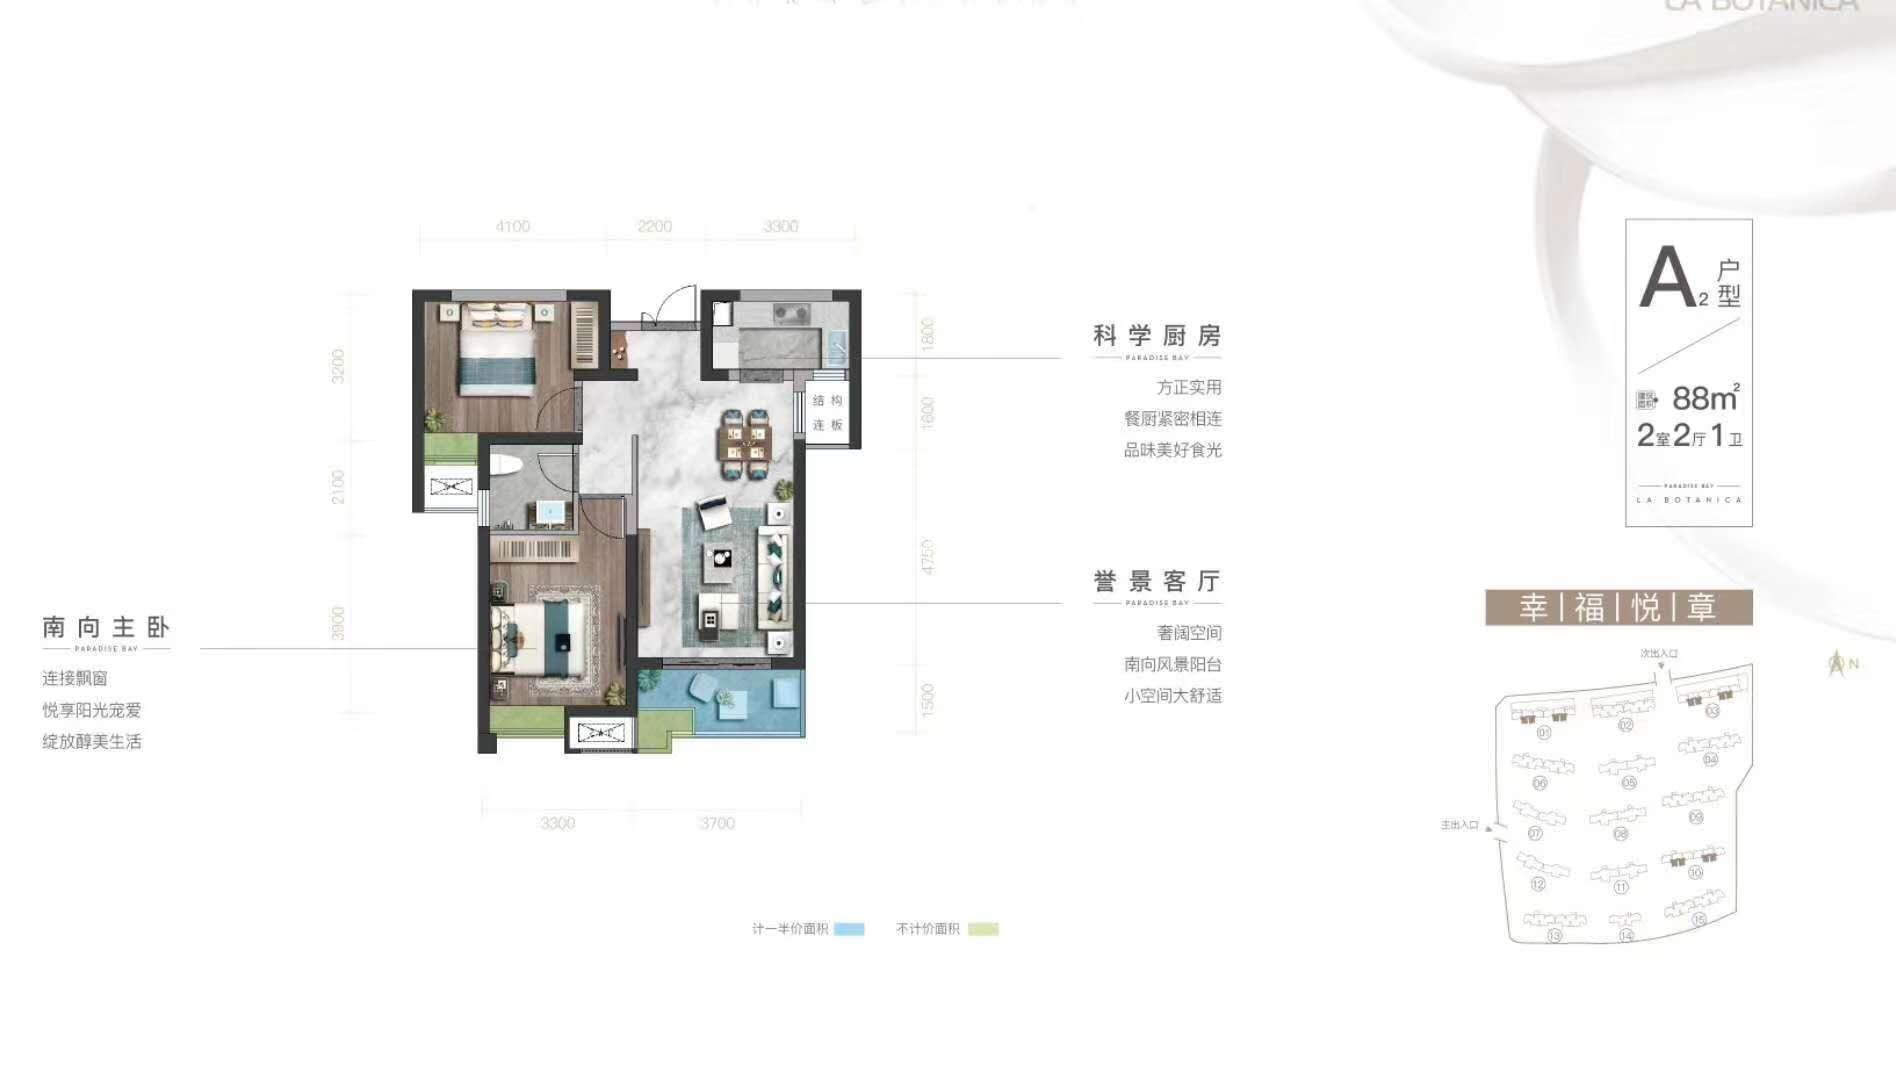 御锦城88㎡两室两厅一卫